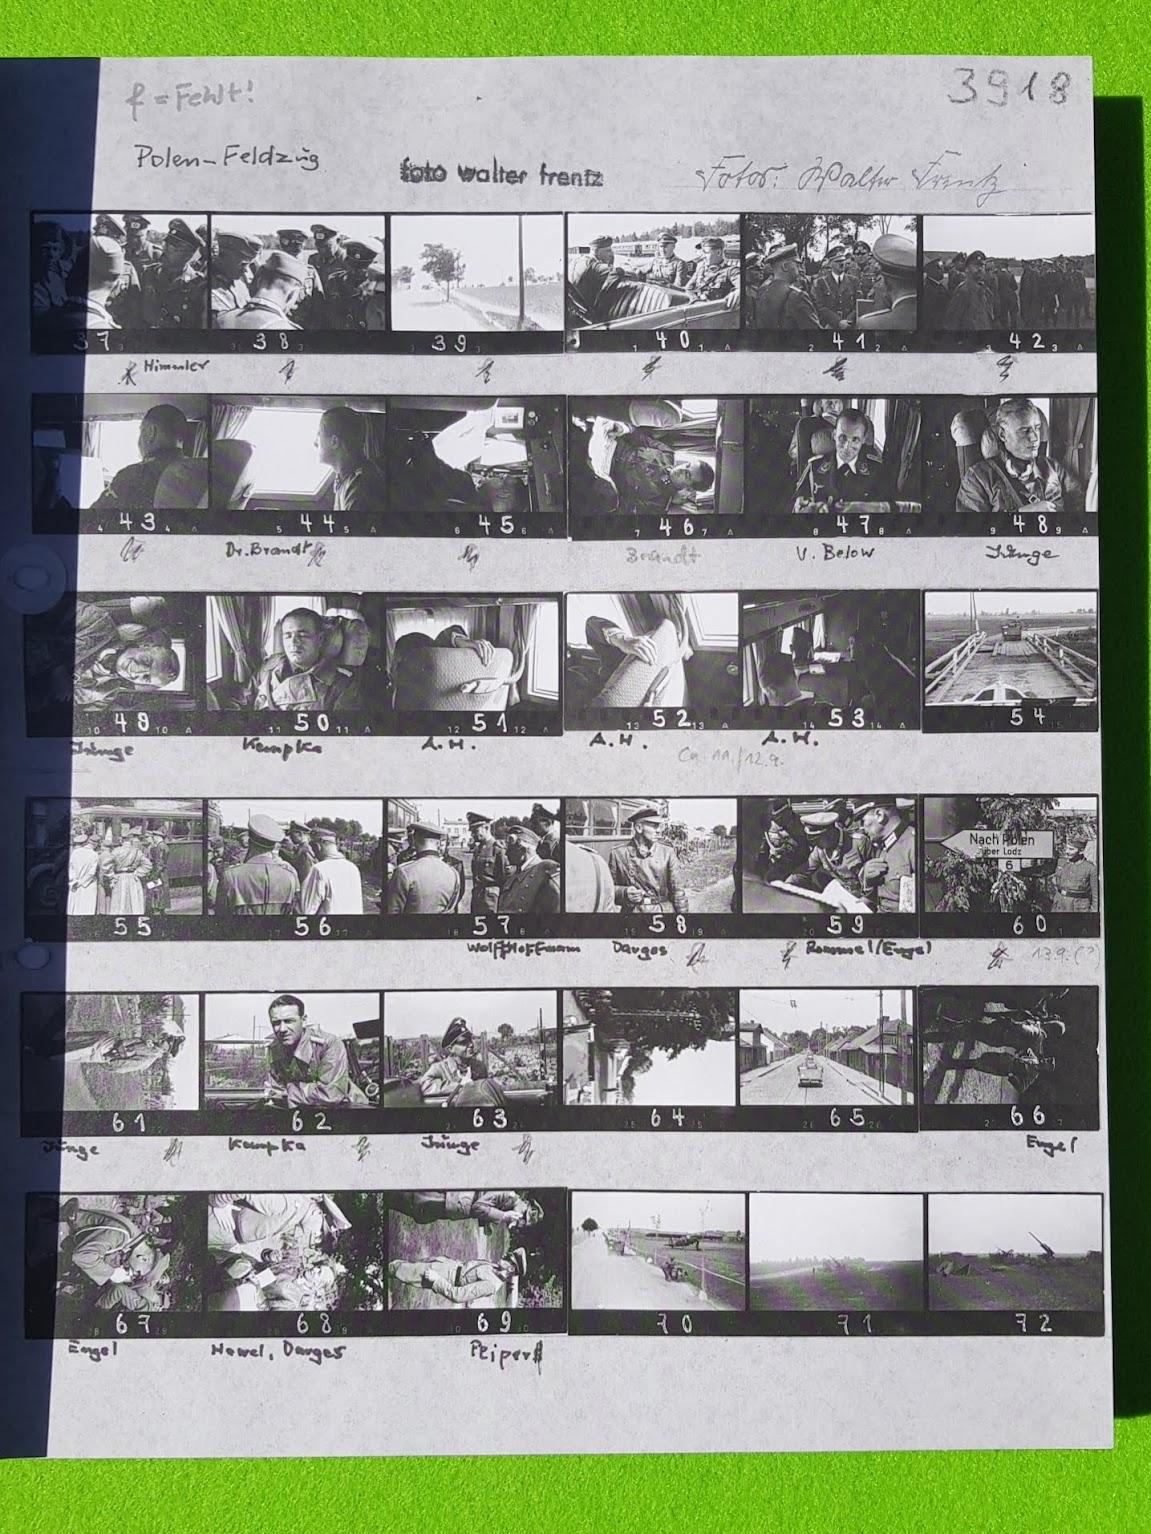 Fotostreifen - aus: Das Auge des Dritten Reiches - Walter Frentz Bildband